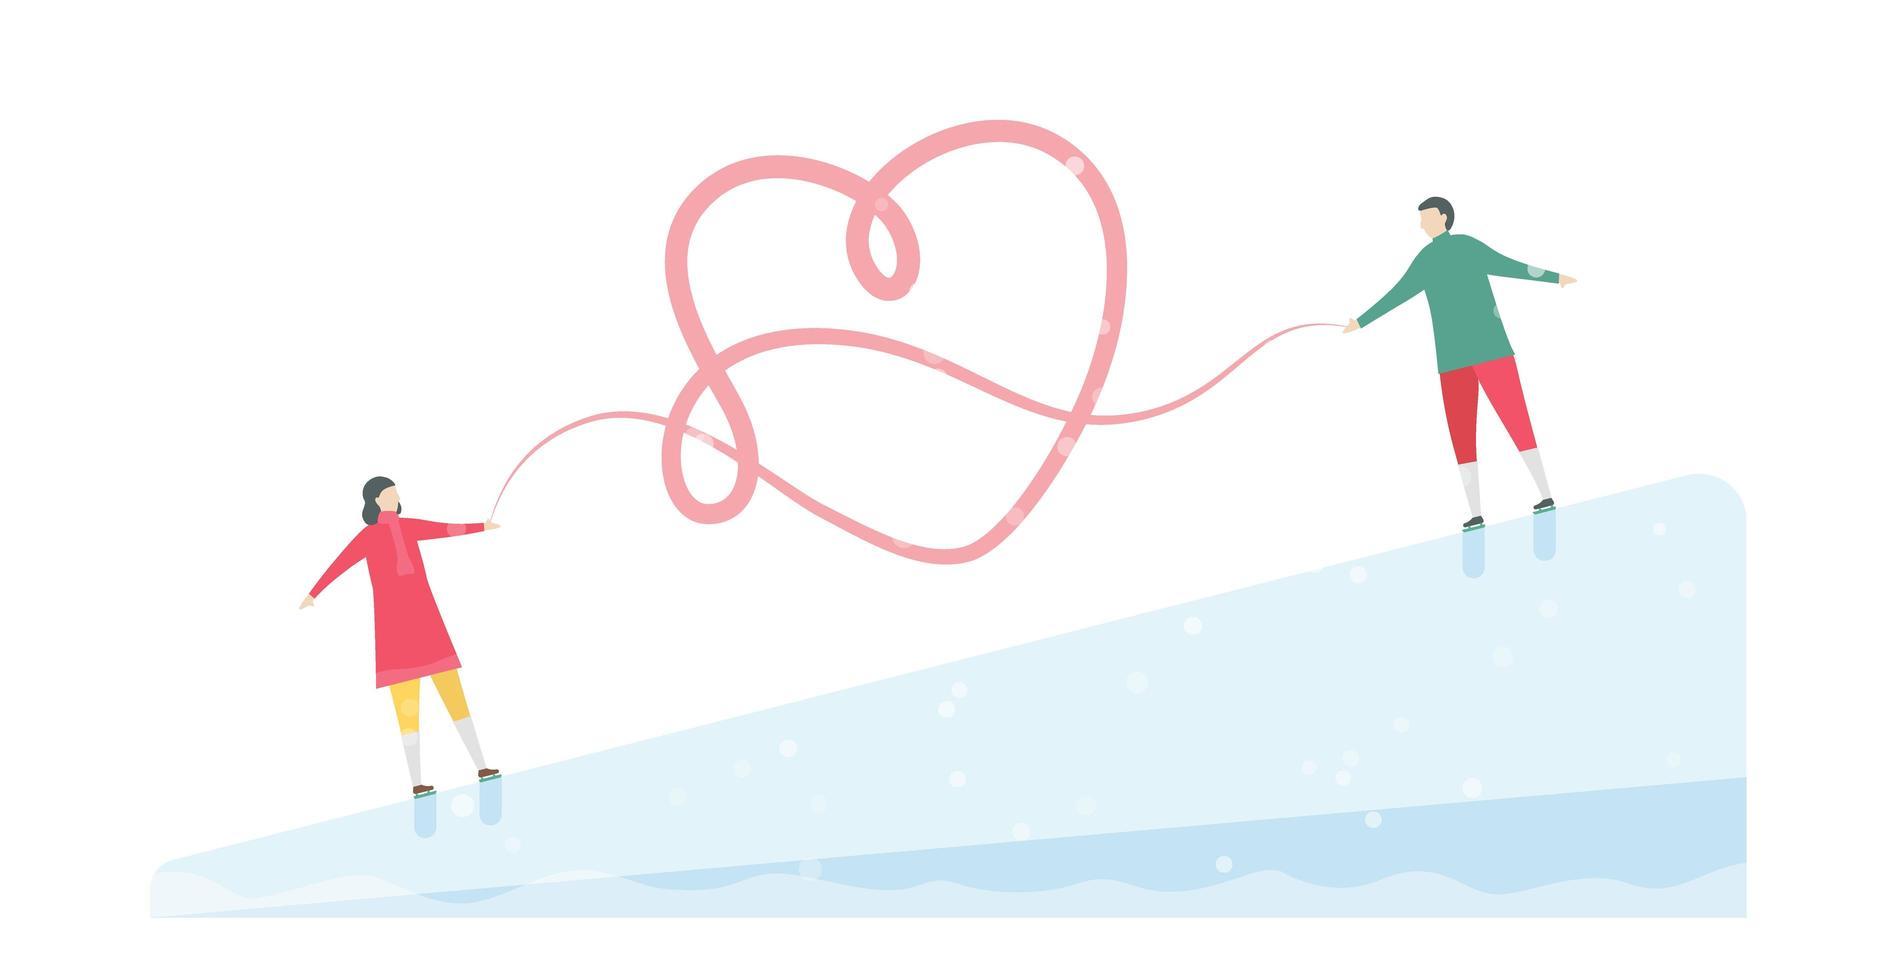 romantisch schaatspaar vastgebonden door het hart vector